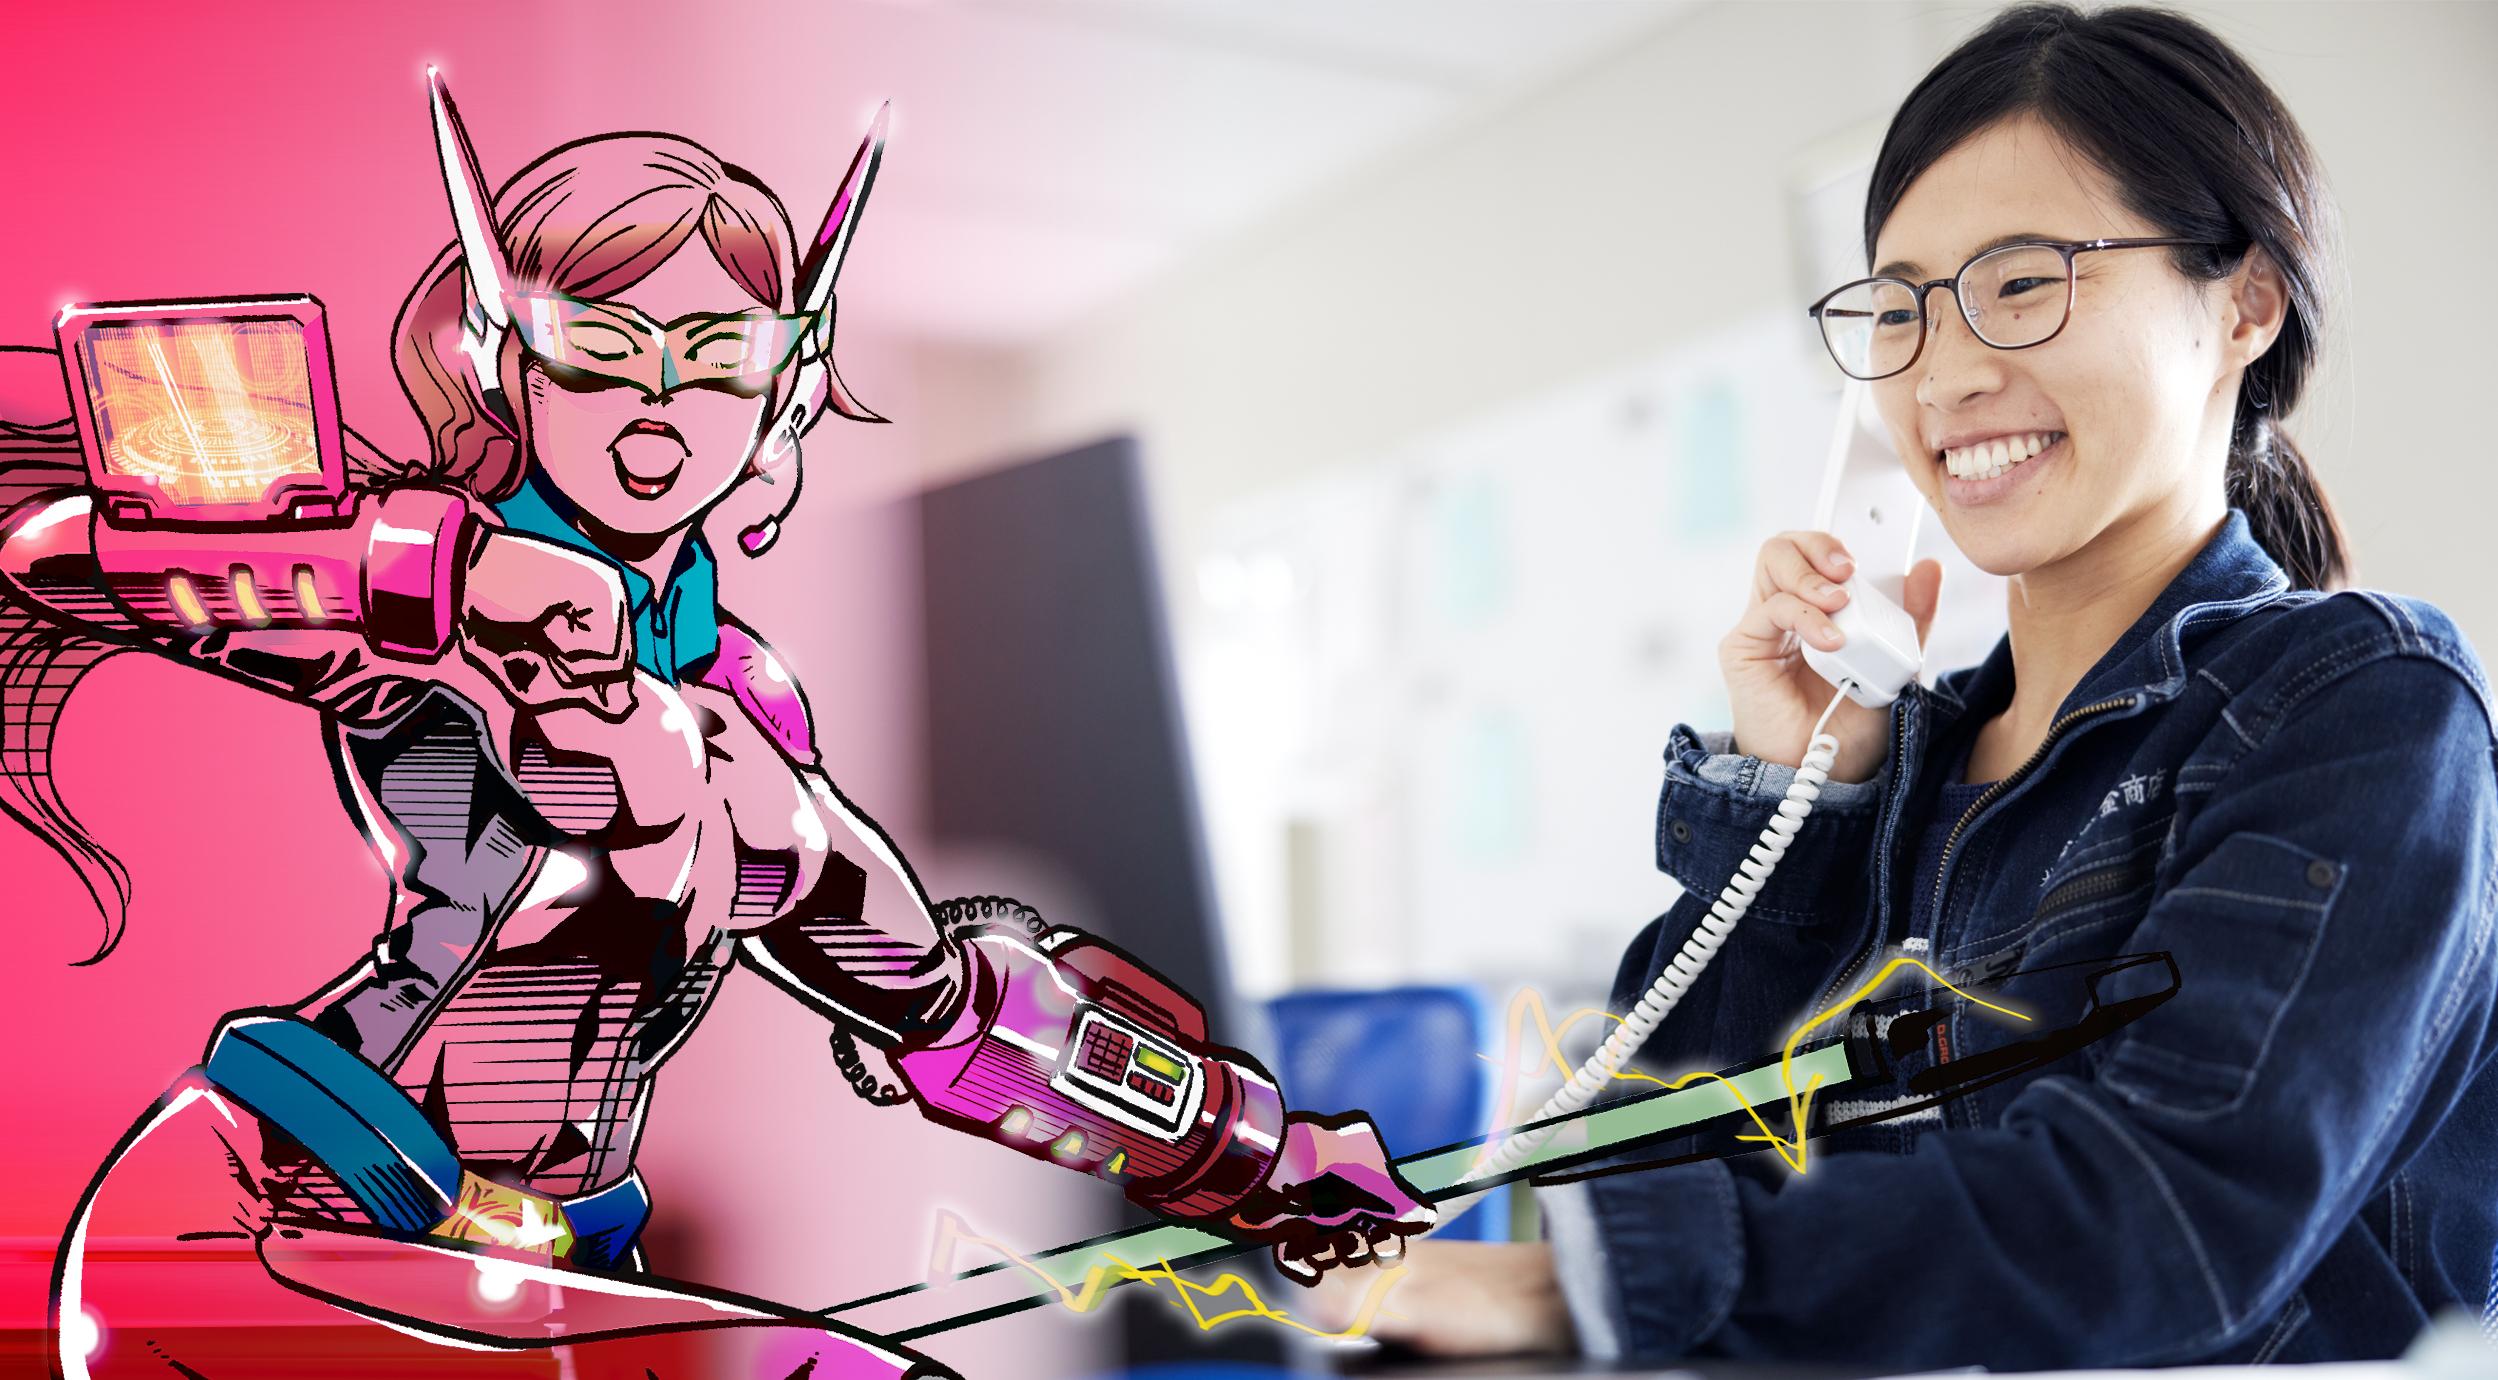 ネットワークを駆使して営業をサポートする資材部社員=アメコミヒーロー(ピンク)